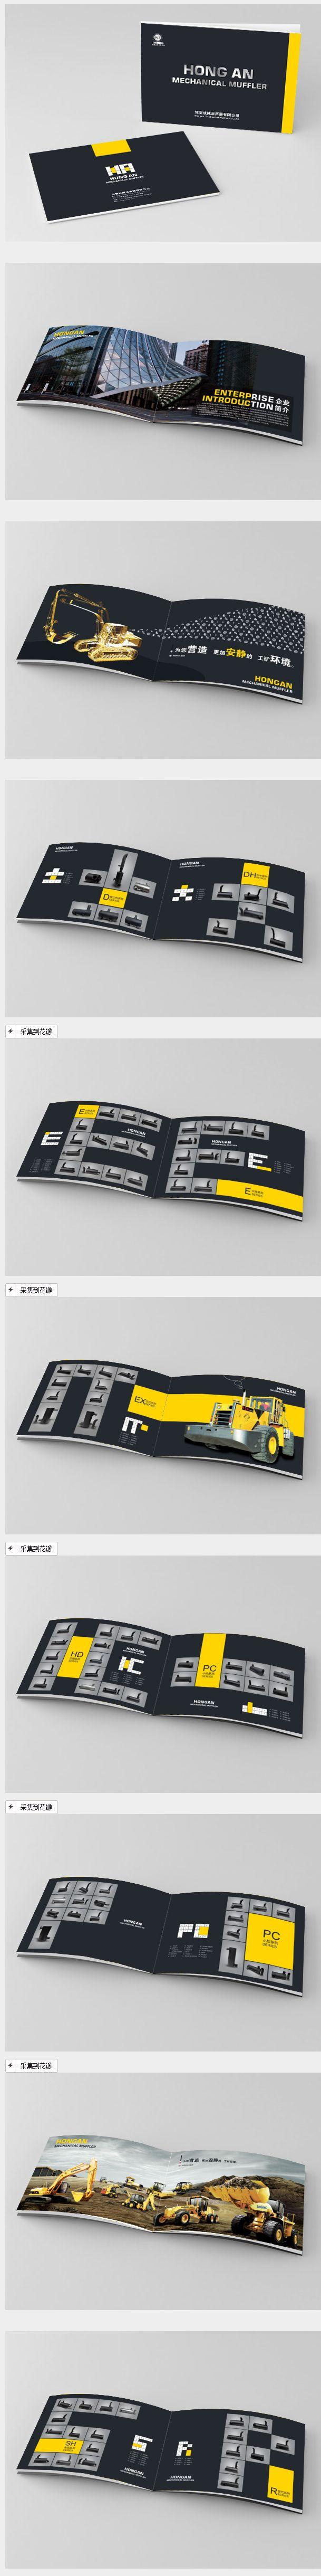 俄罗斯方块排版。画册一本-其他平面-平面...